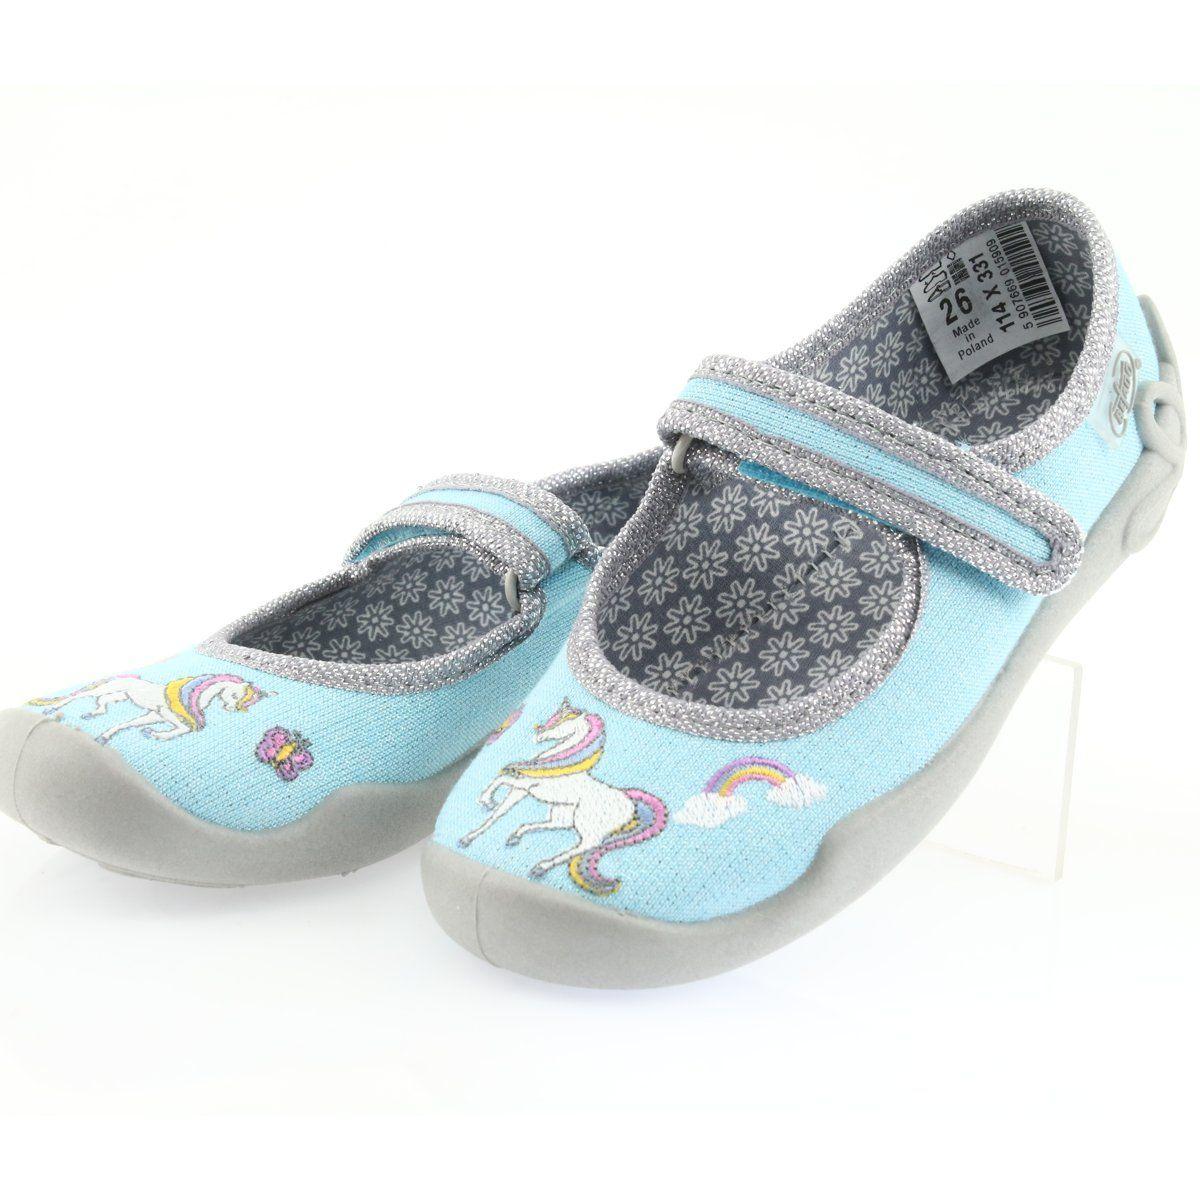 Befado Obuwie Dzieciece 114x331 Niebieskie Childrens Slippers Childrens Shoes Kid Shoes